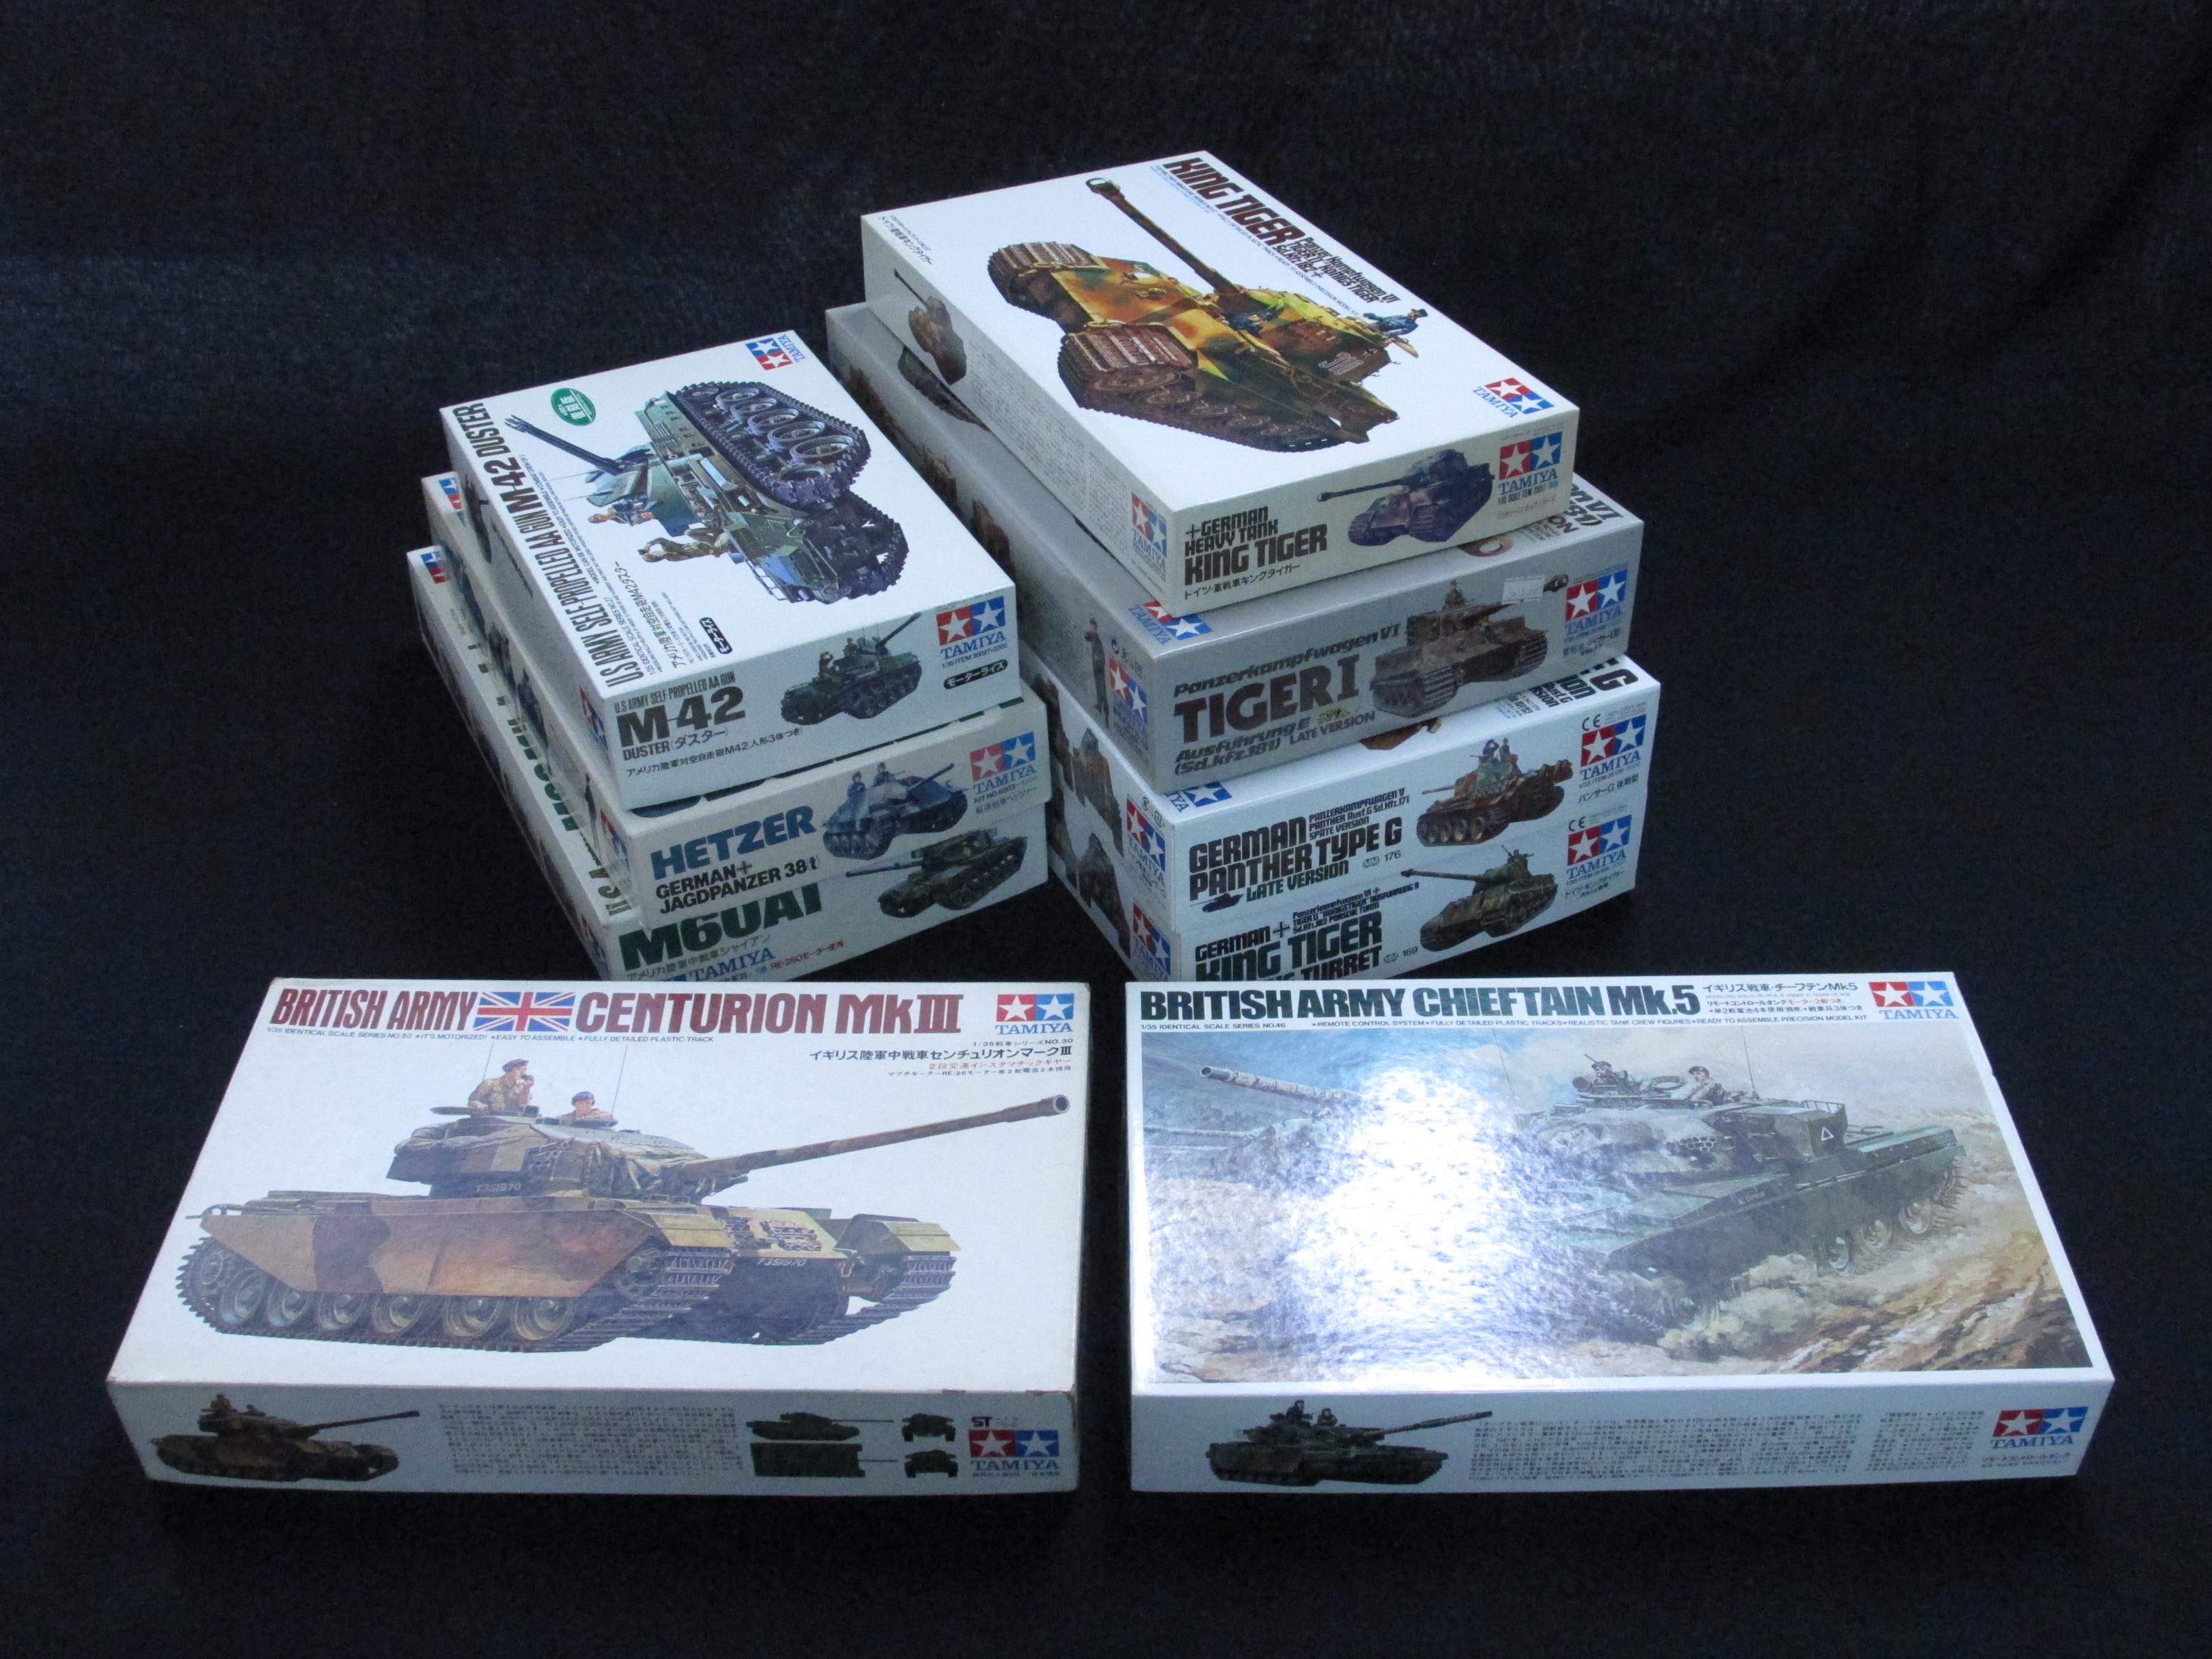 タミヤ 1/35 戦車プラモデル 絶版品など